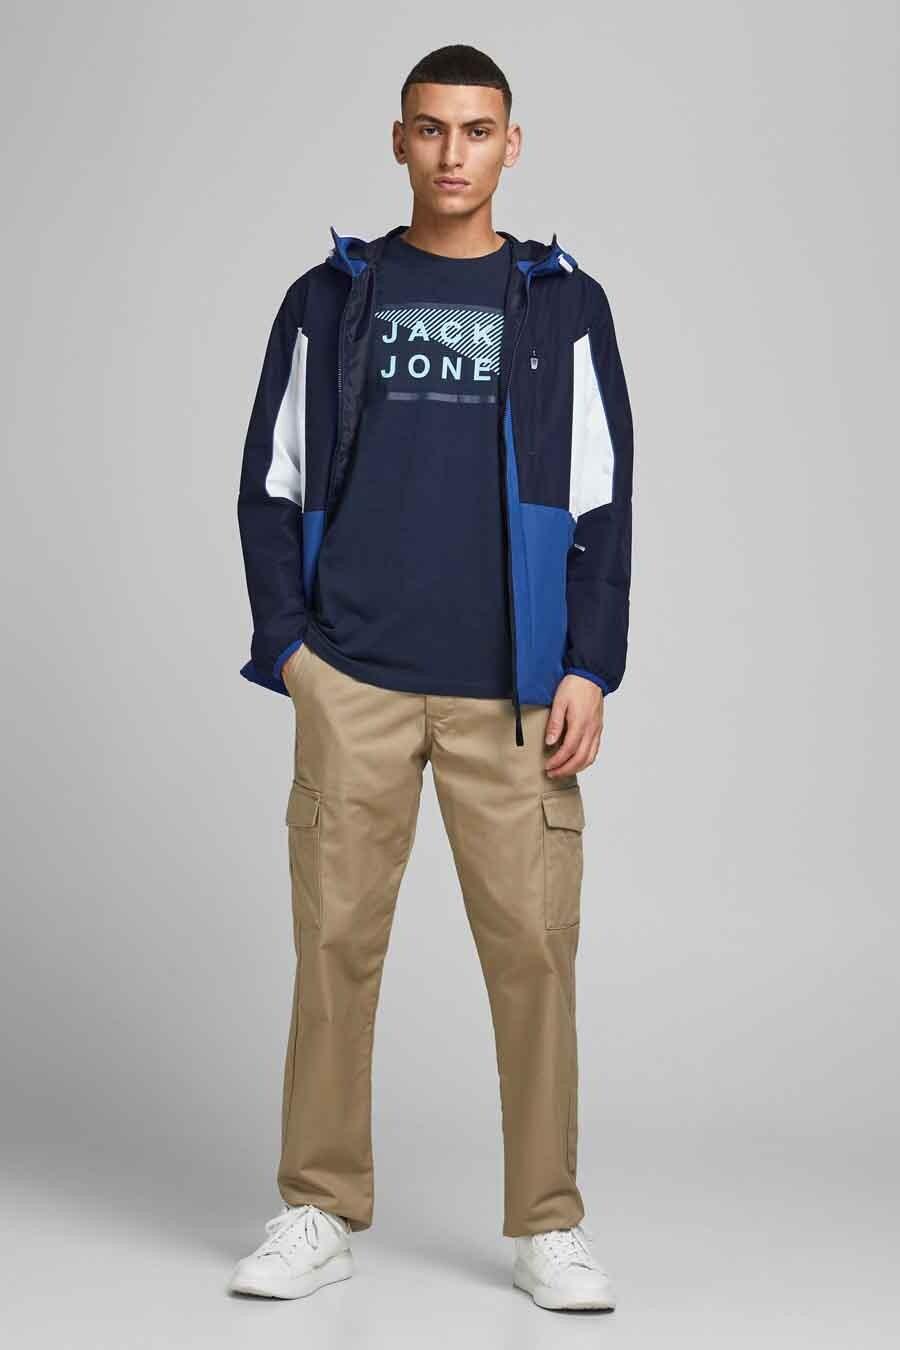 Core By Jack & Jones Jas kort, Blauw, Heren, Maat: L/M/S/XL